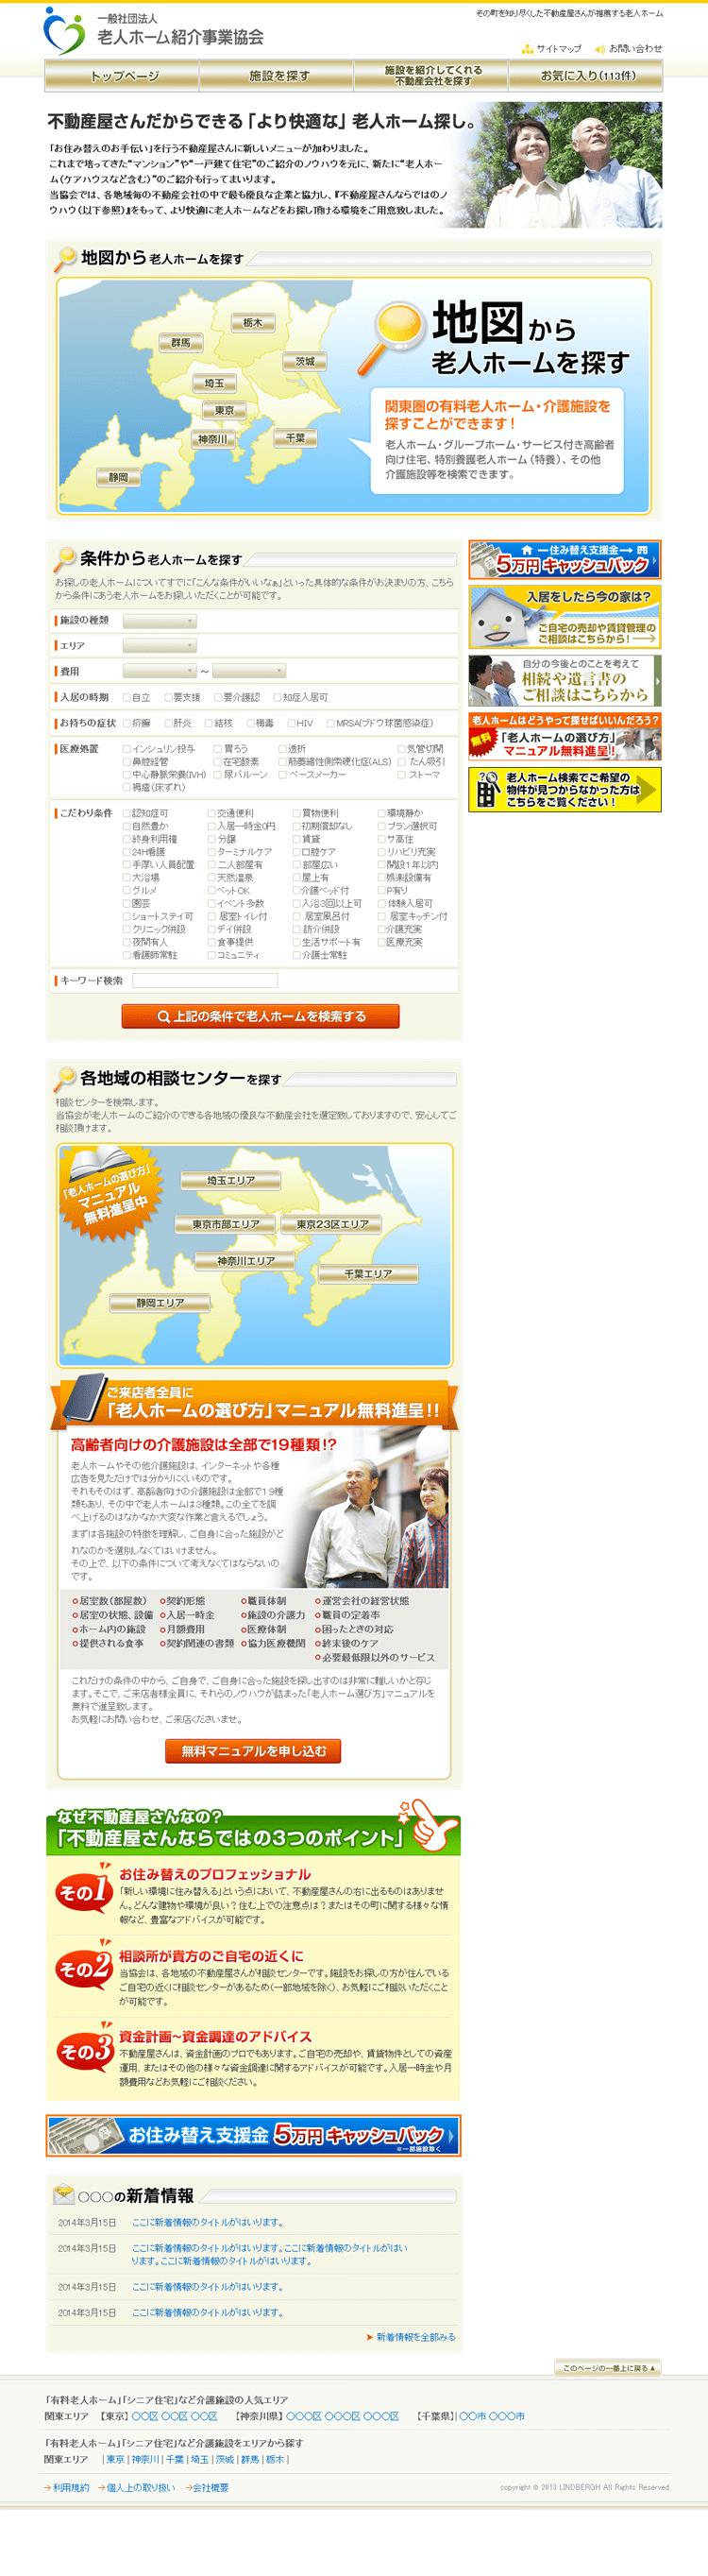 リンドバーグ「老人ホーム紹介事業協会」サイト